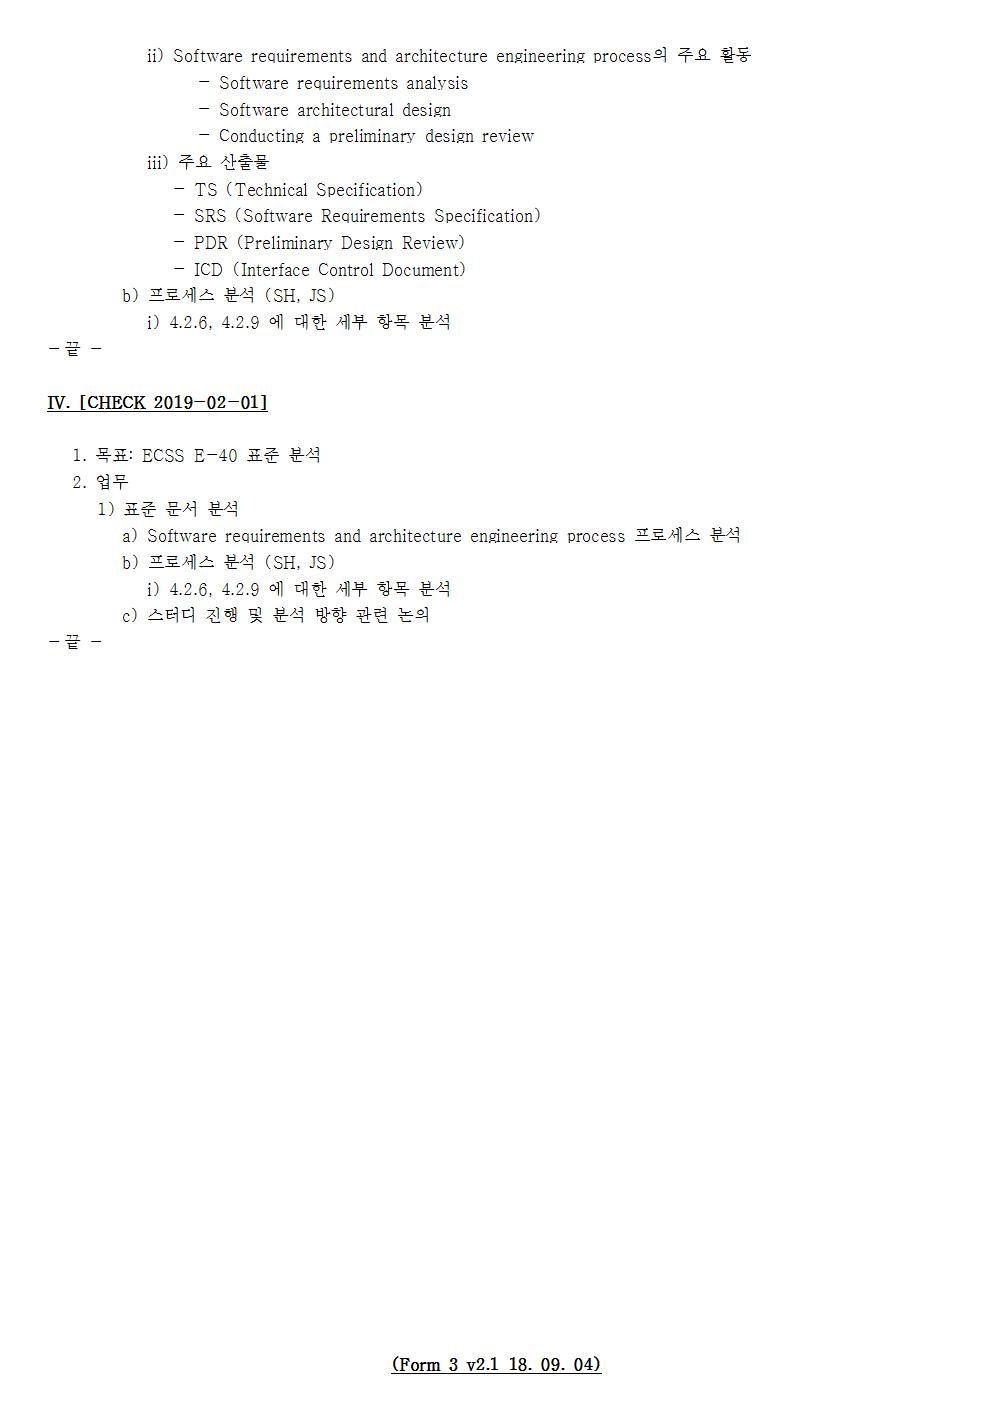 D-[19-004-RD-04]-[CMS]-[2019-02-01][YB]002.jpg